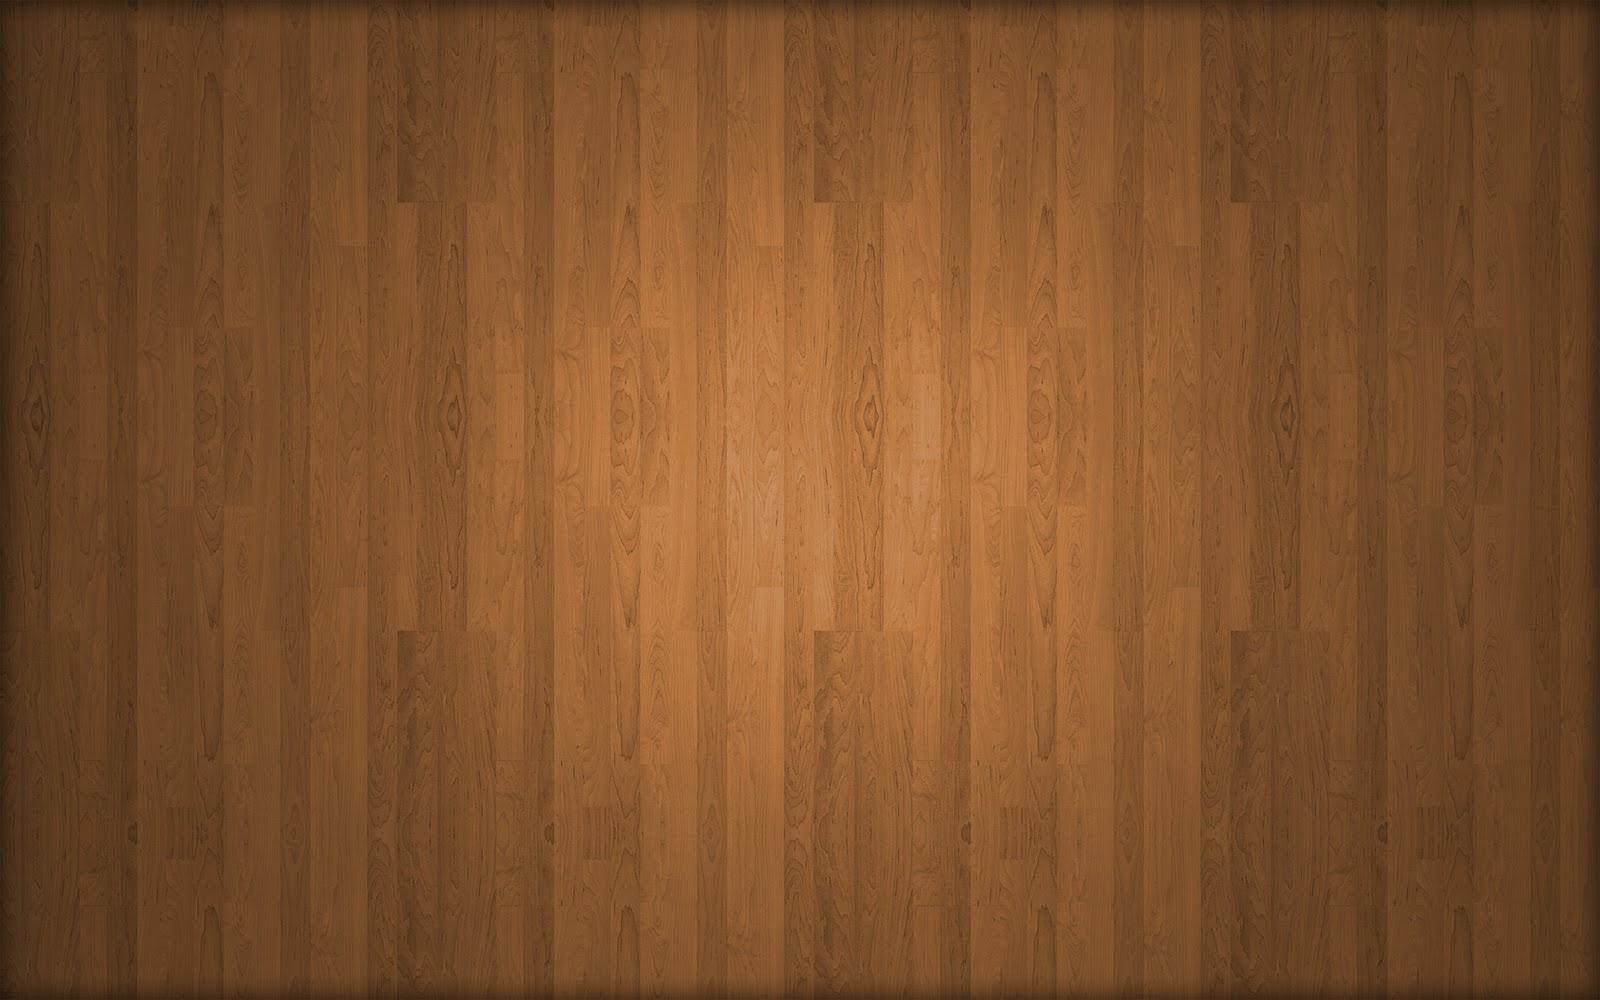 Brown Wallpapers Desktop wallpapers Desktop HD Wallpapers Desktop 1600x1000